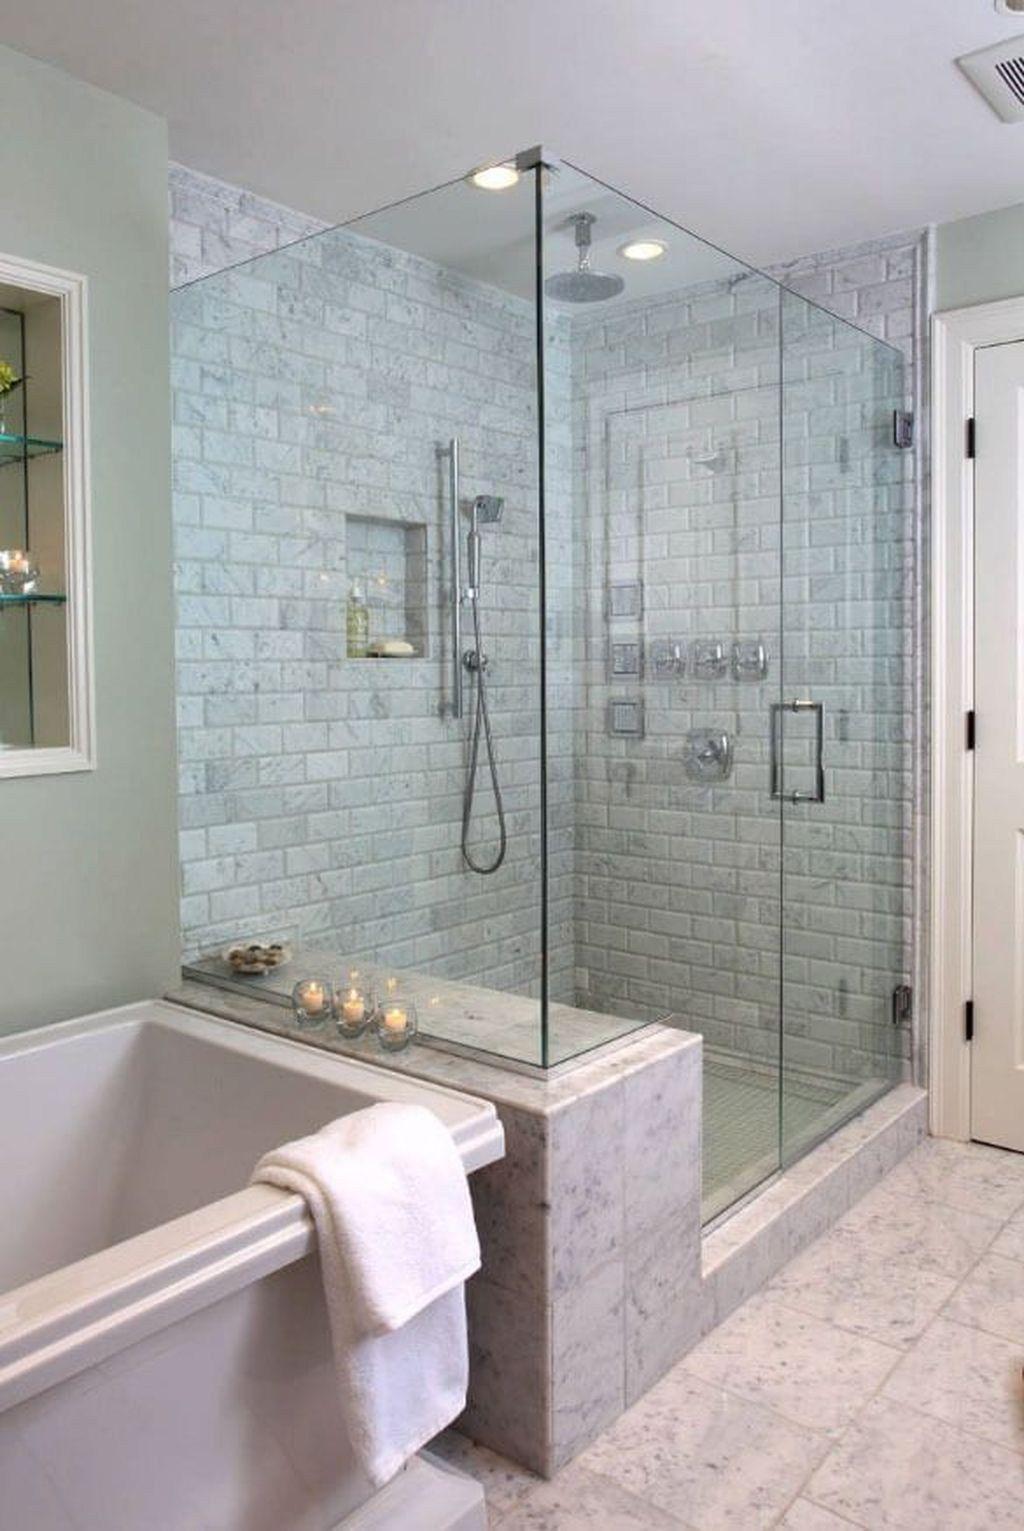 50 Beeindruckende Ideen Fur Die Dusche Im Bad Diy Und Deko Kleines Badezimmer Umgestalten Minimalistisches Badezimmer Dusche Umgestalten